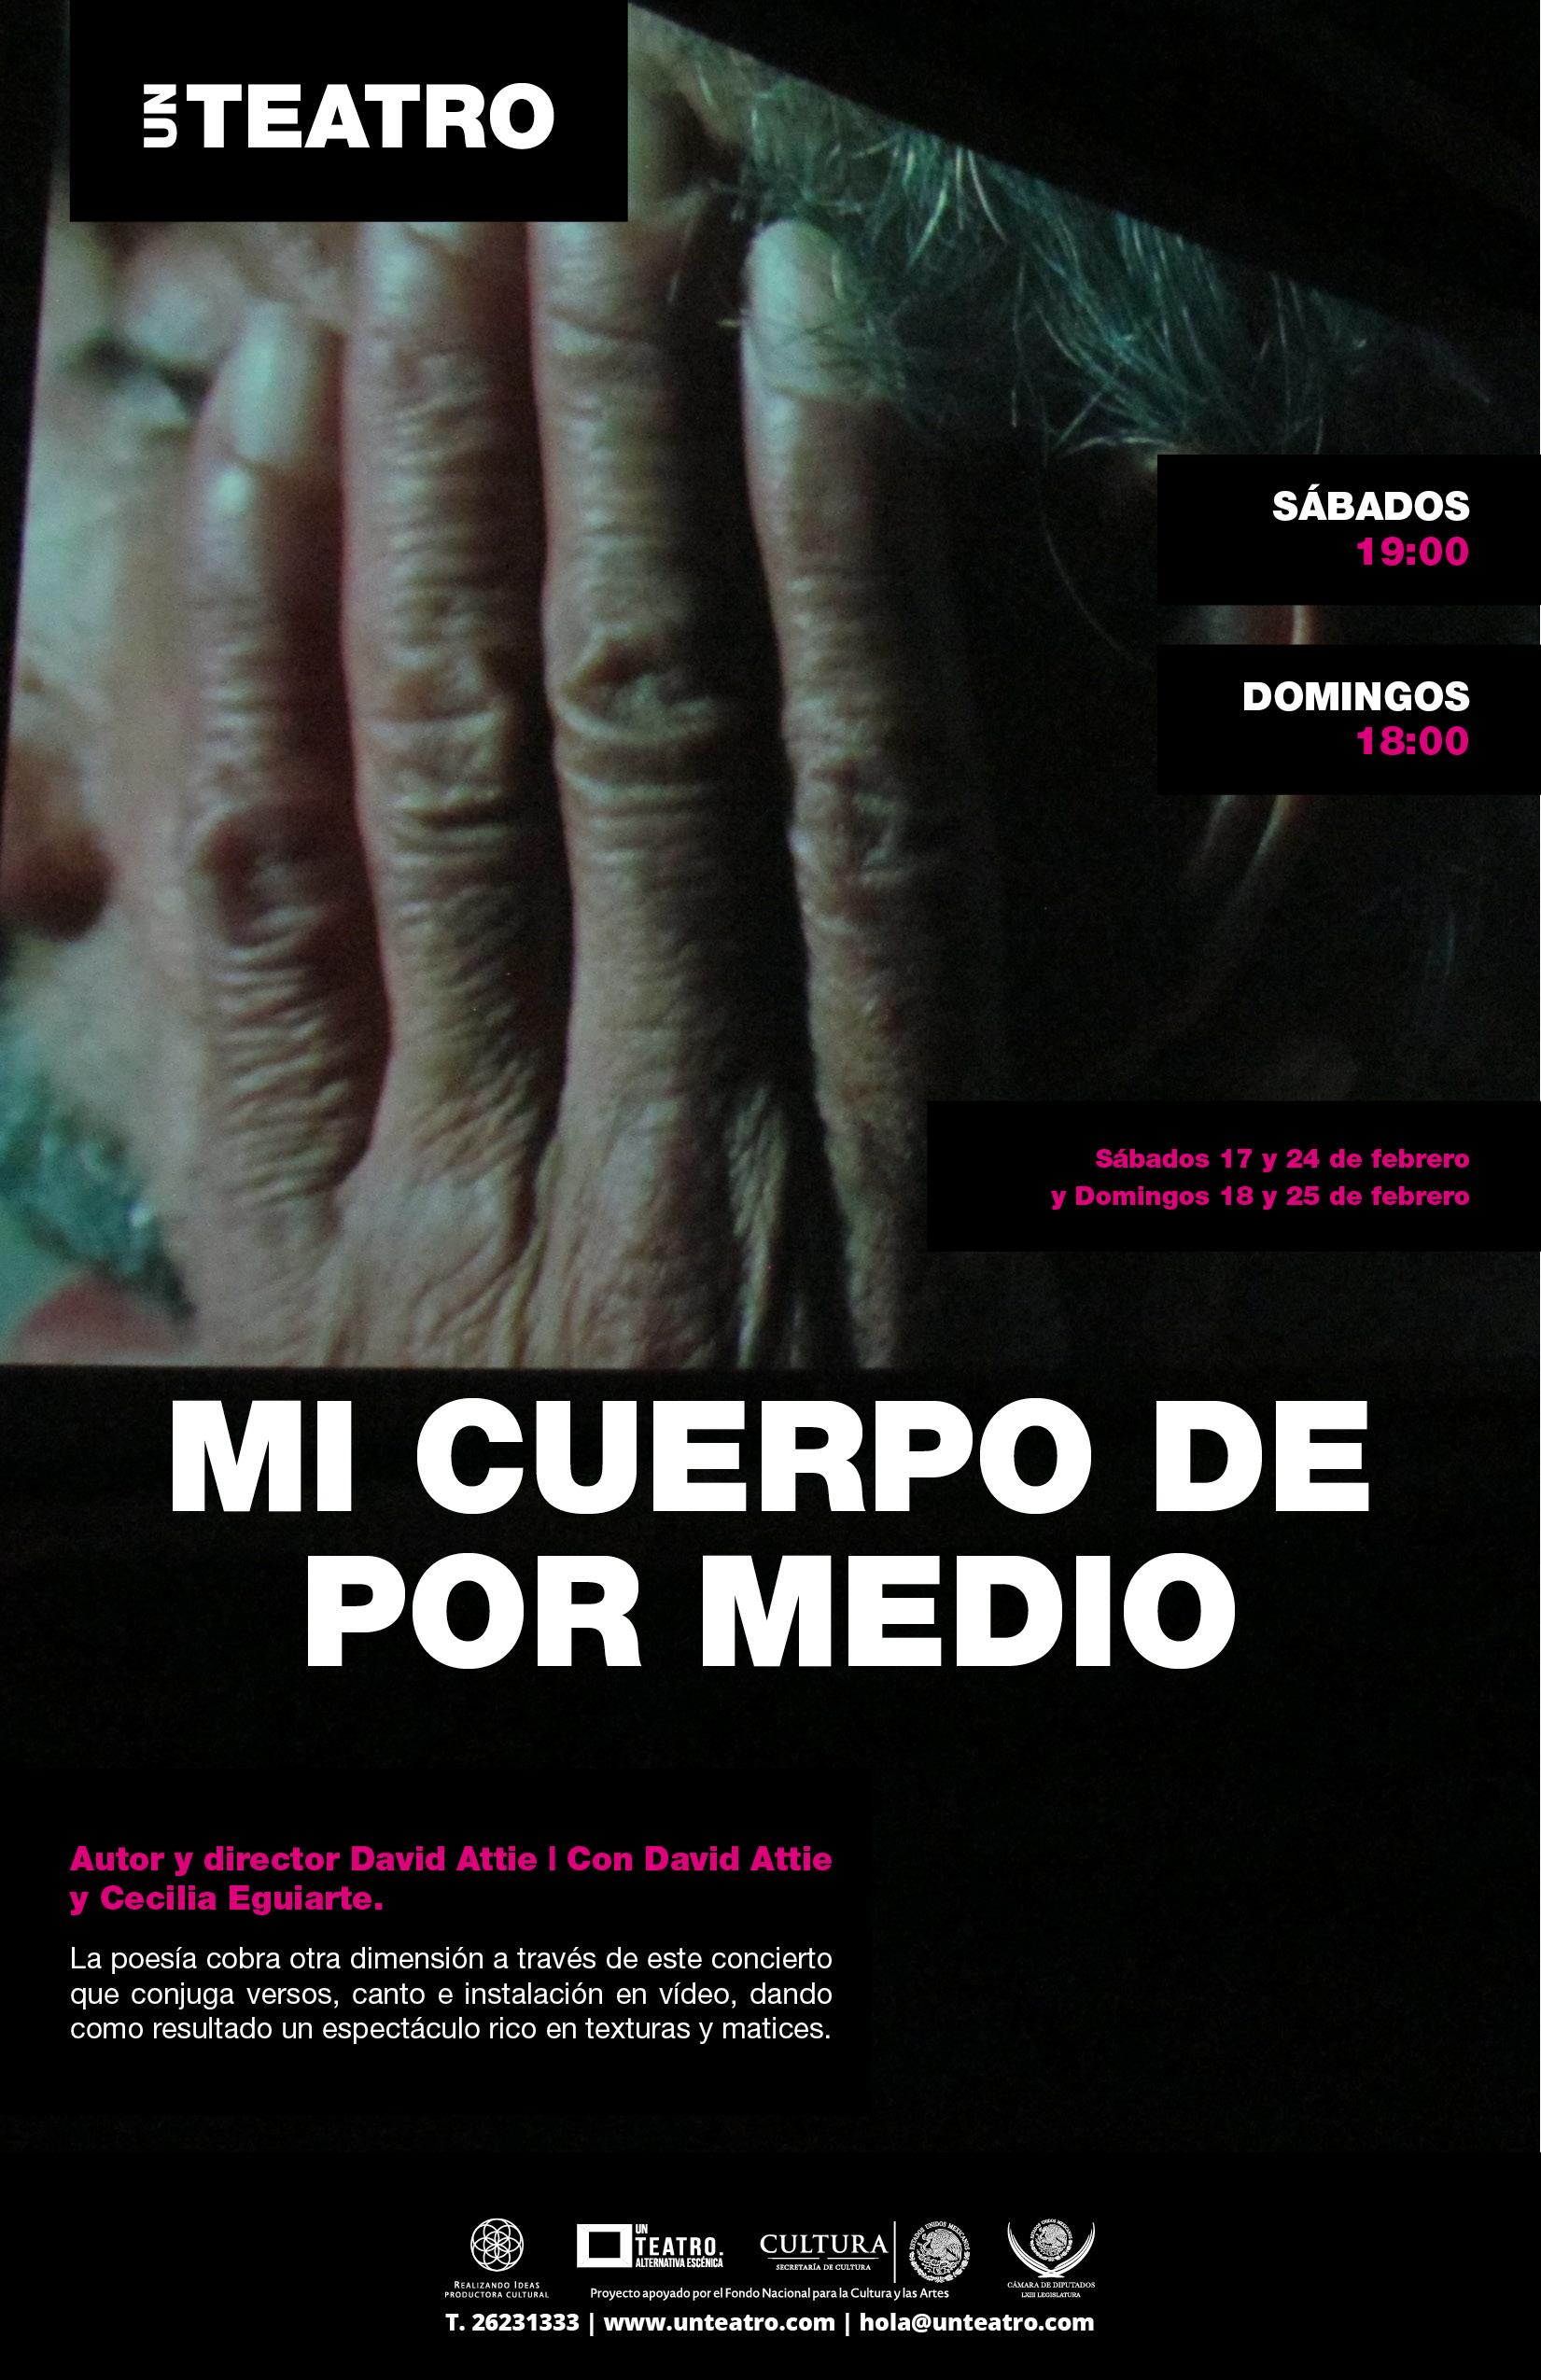 MI CUERPO DE POR MEDIO